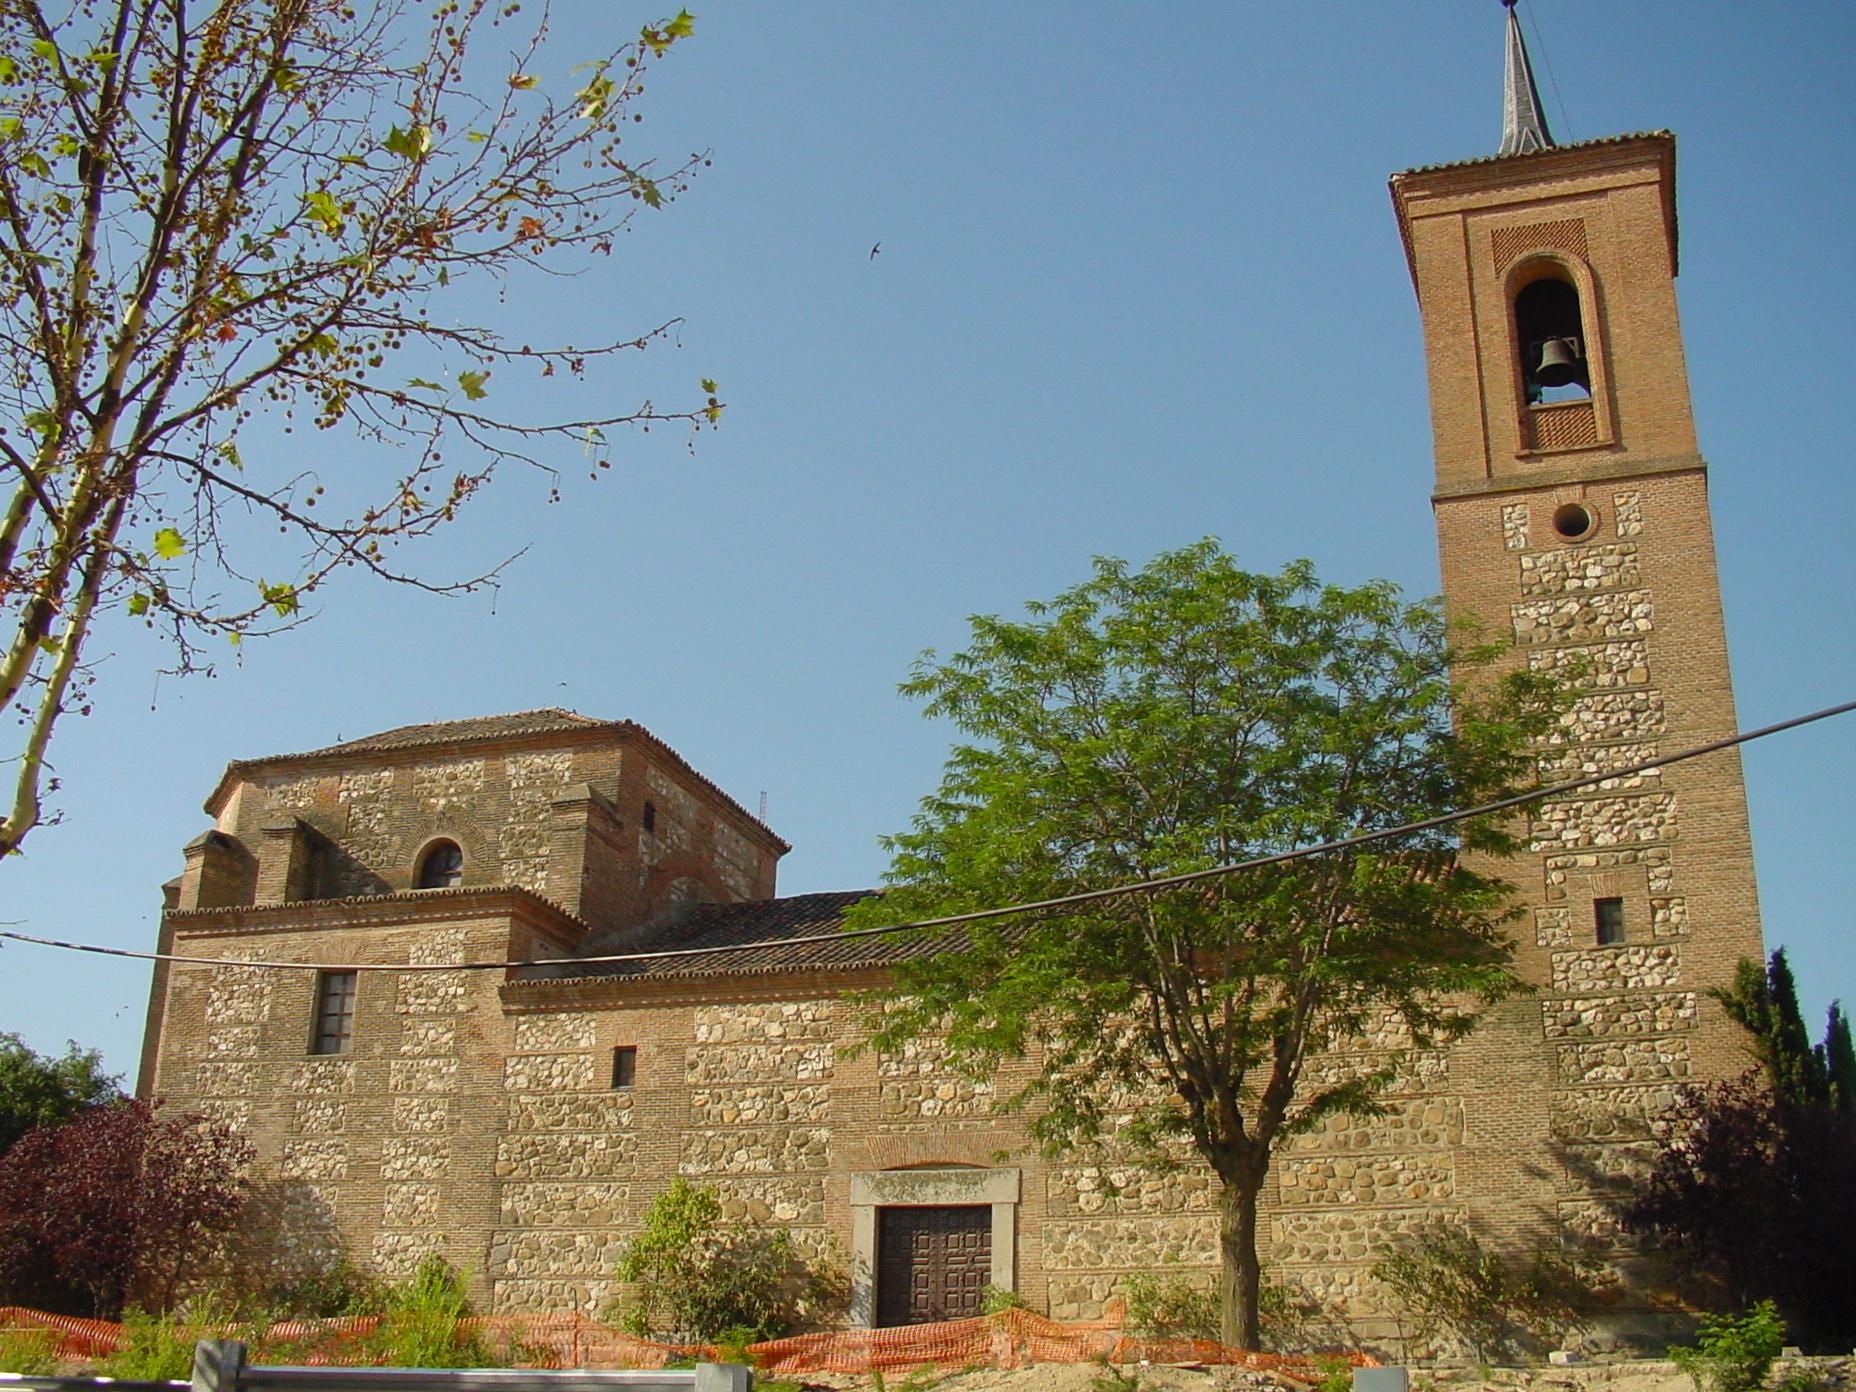 Vista lateral de iglesia en Las Rozas